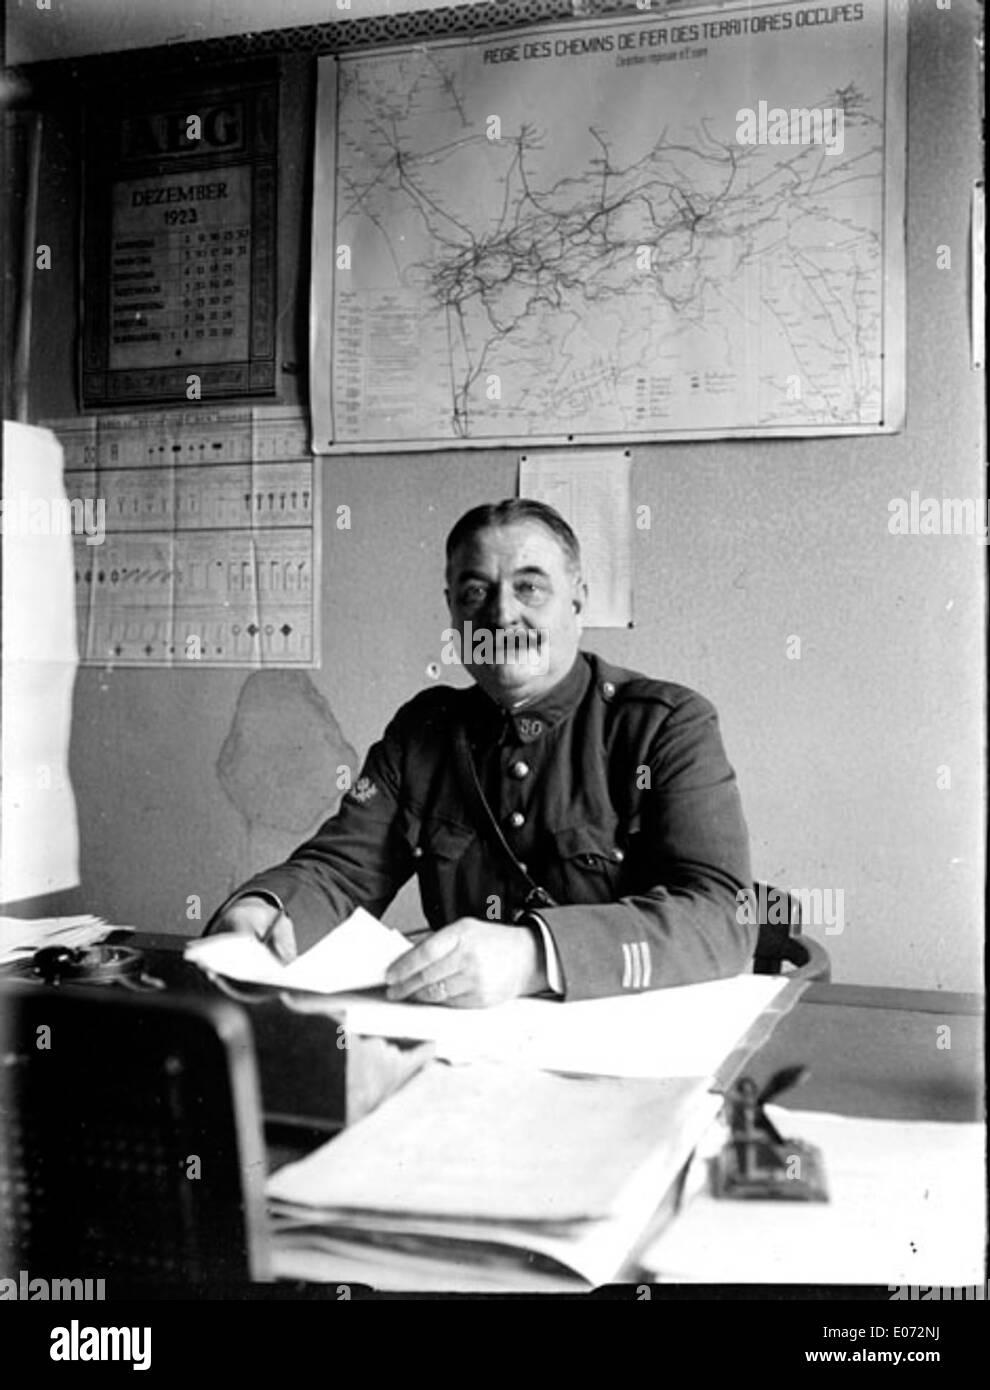 Officier militaire assis à son bureau, Régie des chemins de fer, Essen (Allemagne), décembre 1923 - Stock Image